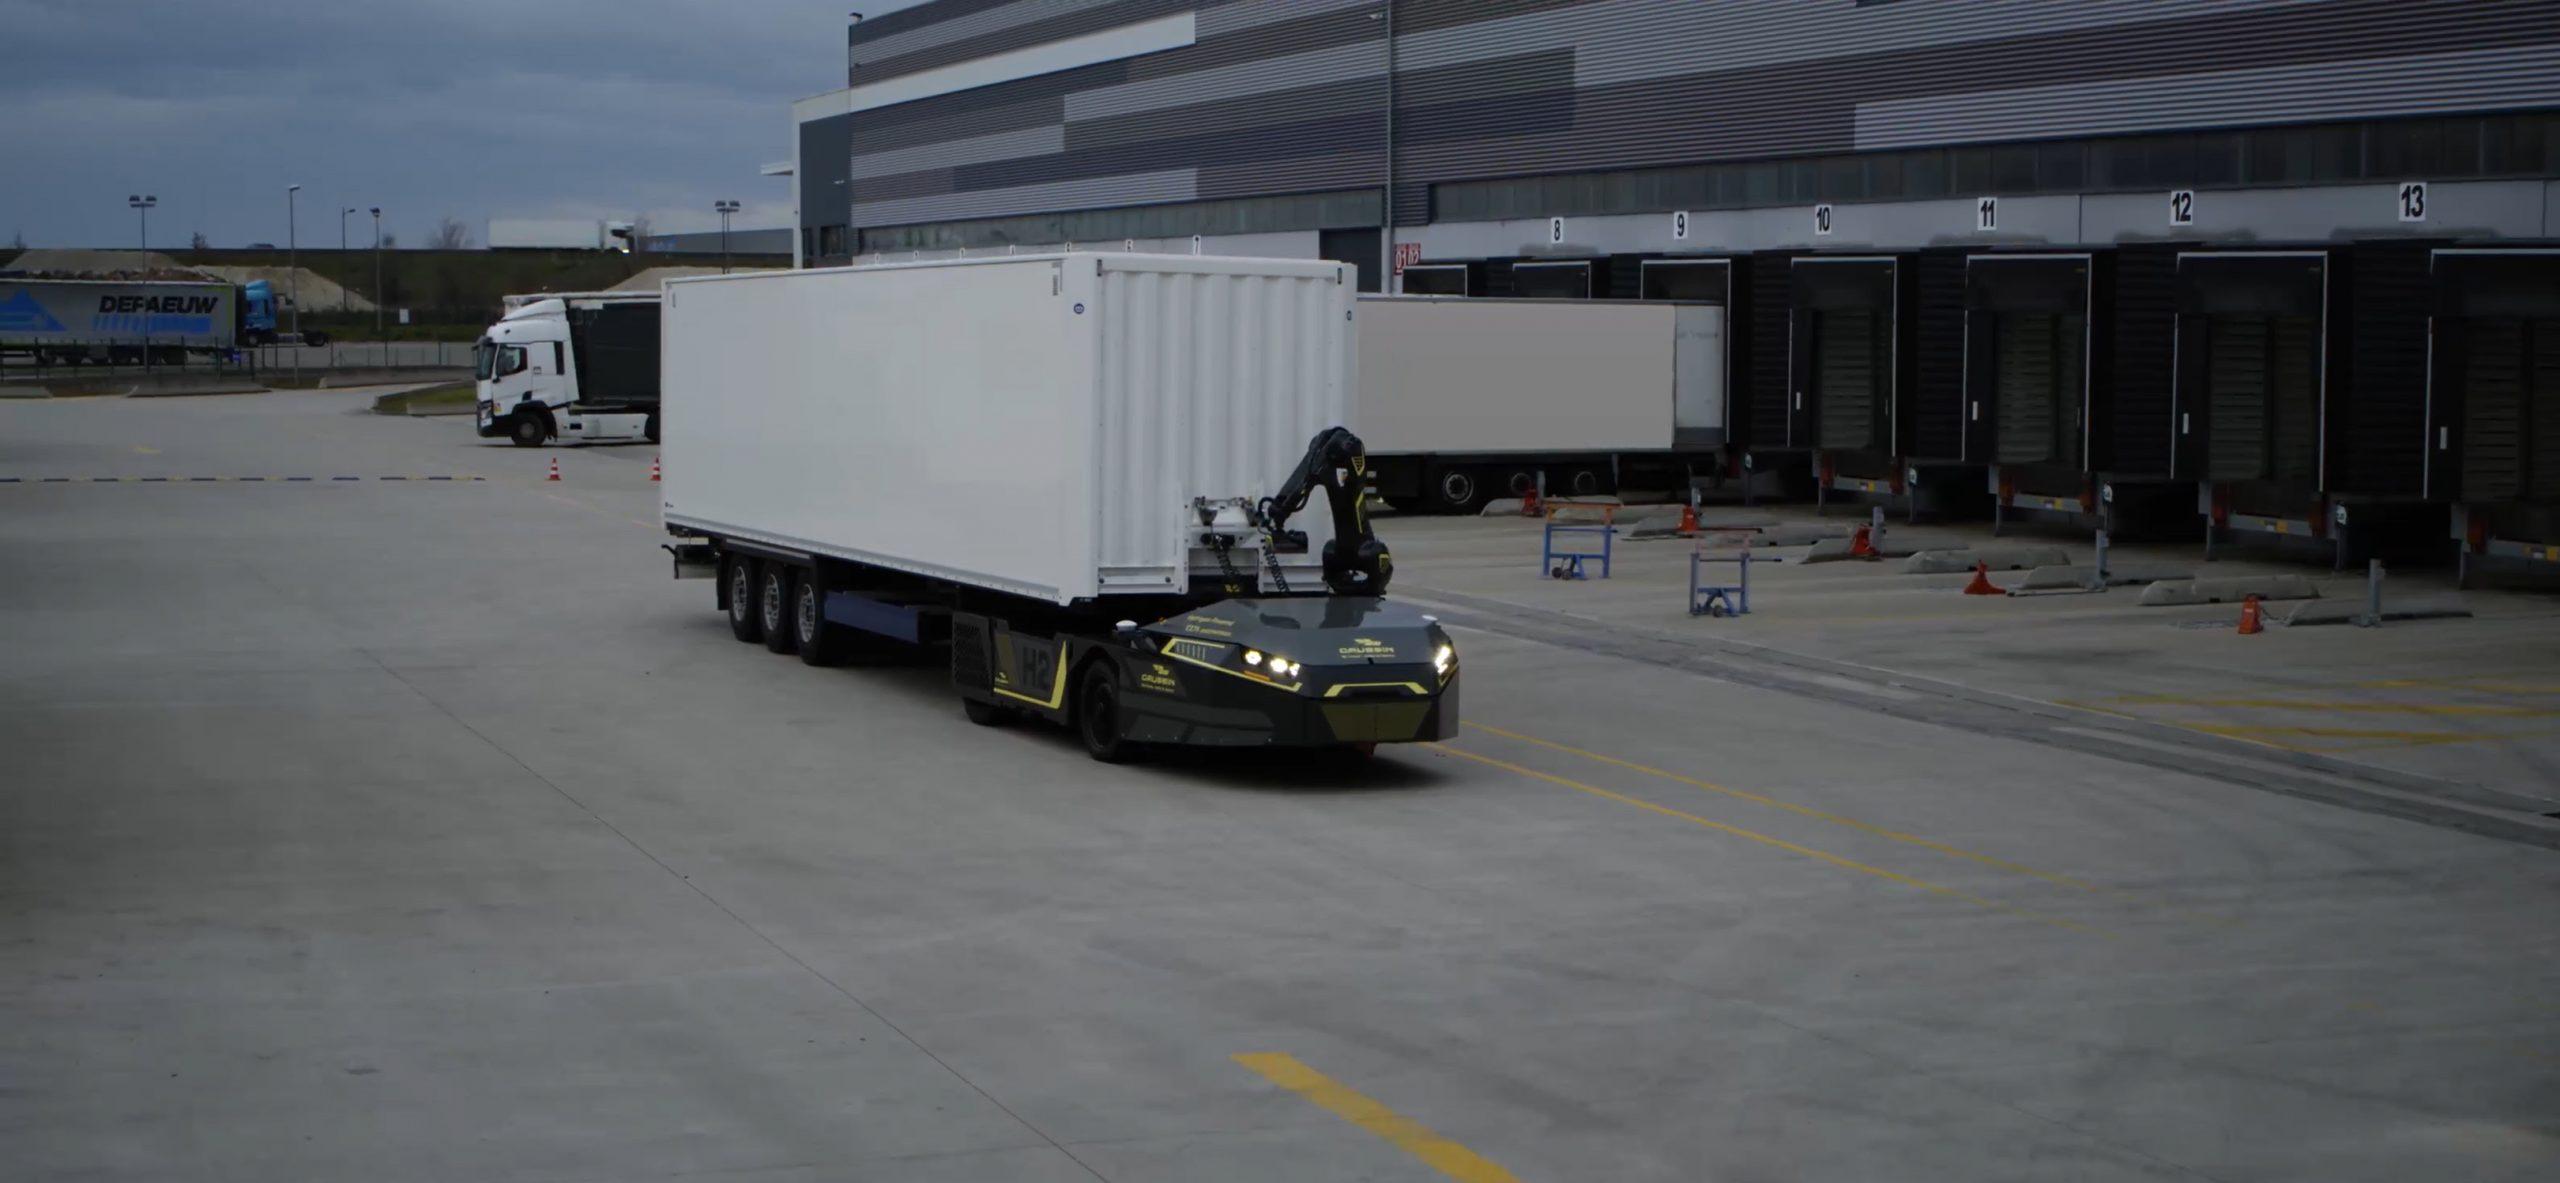 L'industriel Gaussin, installé à Héricourt, vient de dévoiler la silouhette d'un nouveau véhicule de manutention, 100 % hydrogène et autonome.